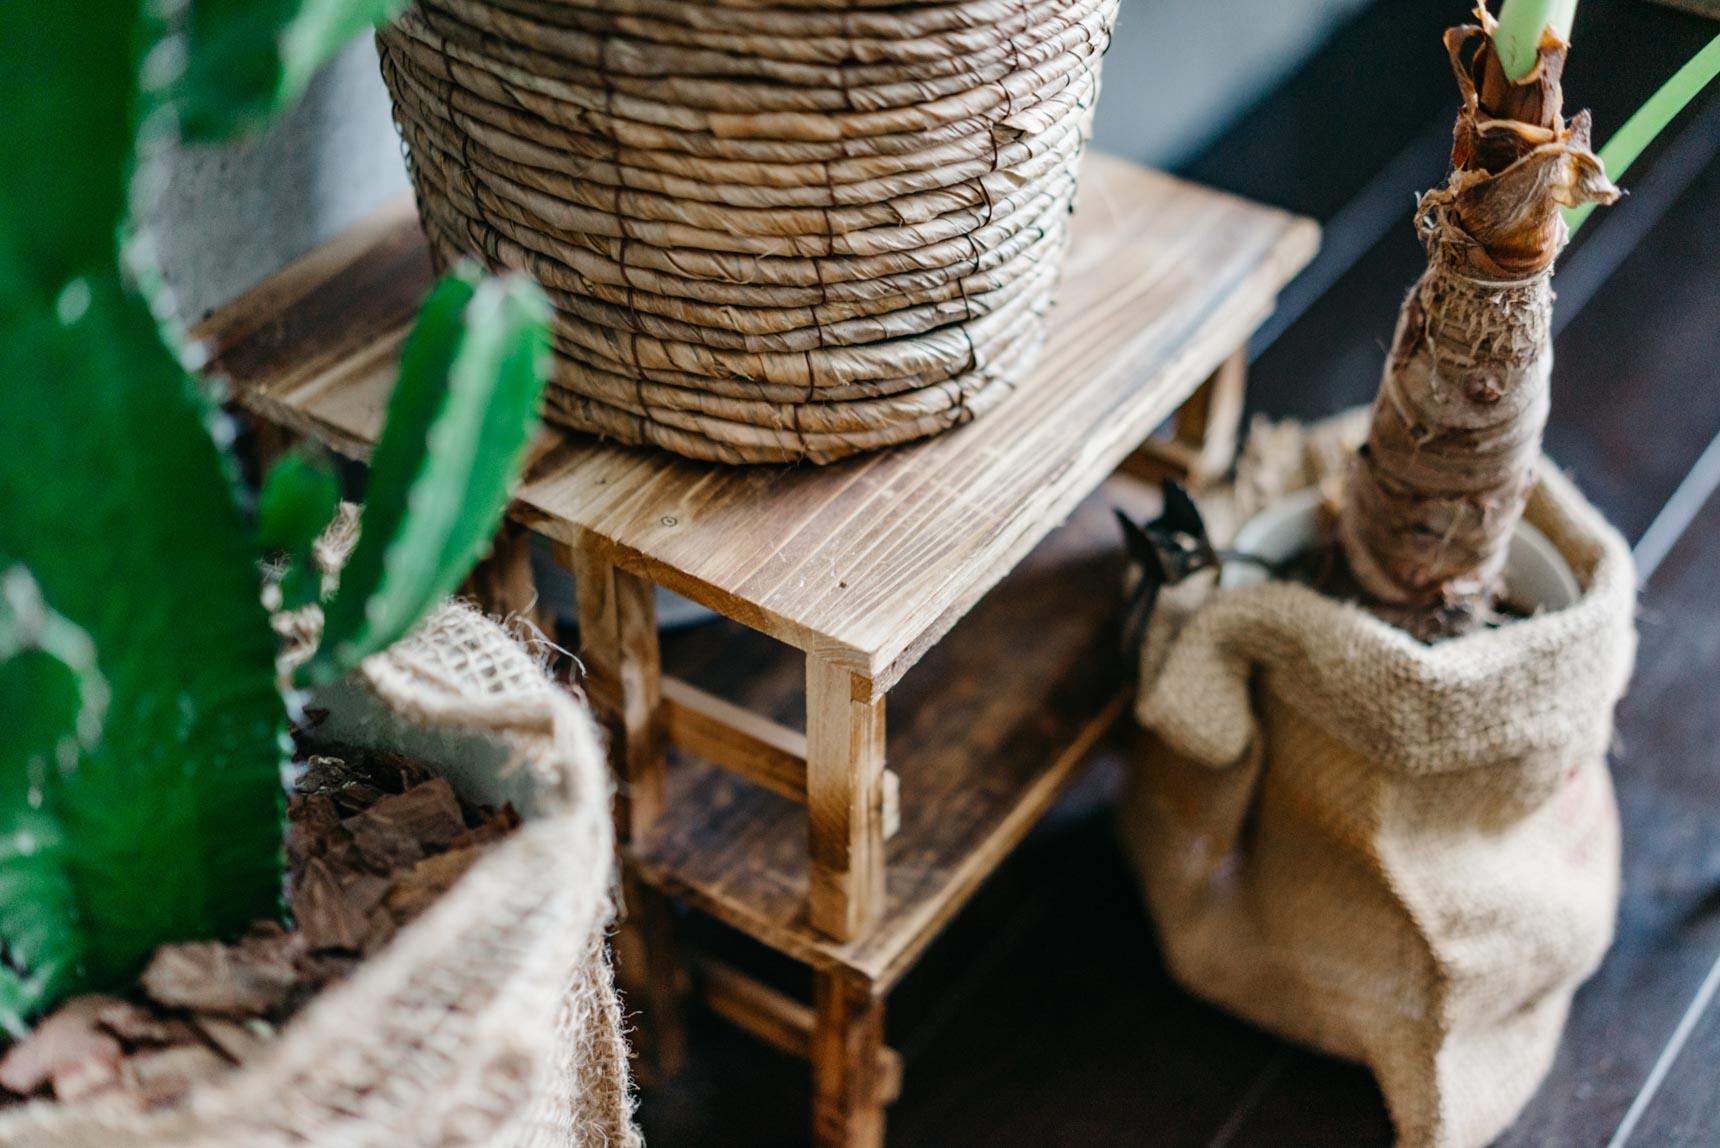 植物を置く木の台は、100円ショップで買ったもの。小さな台を組み合わせているので、いろんな使い方ができます。